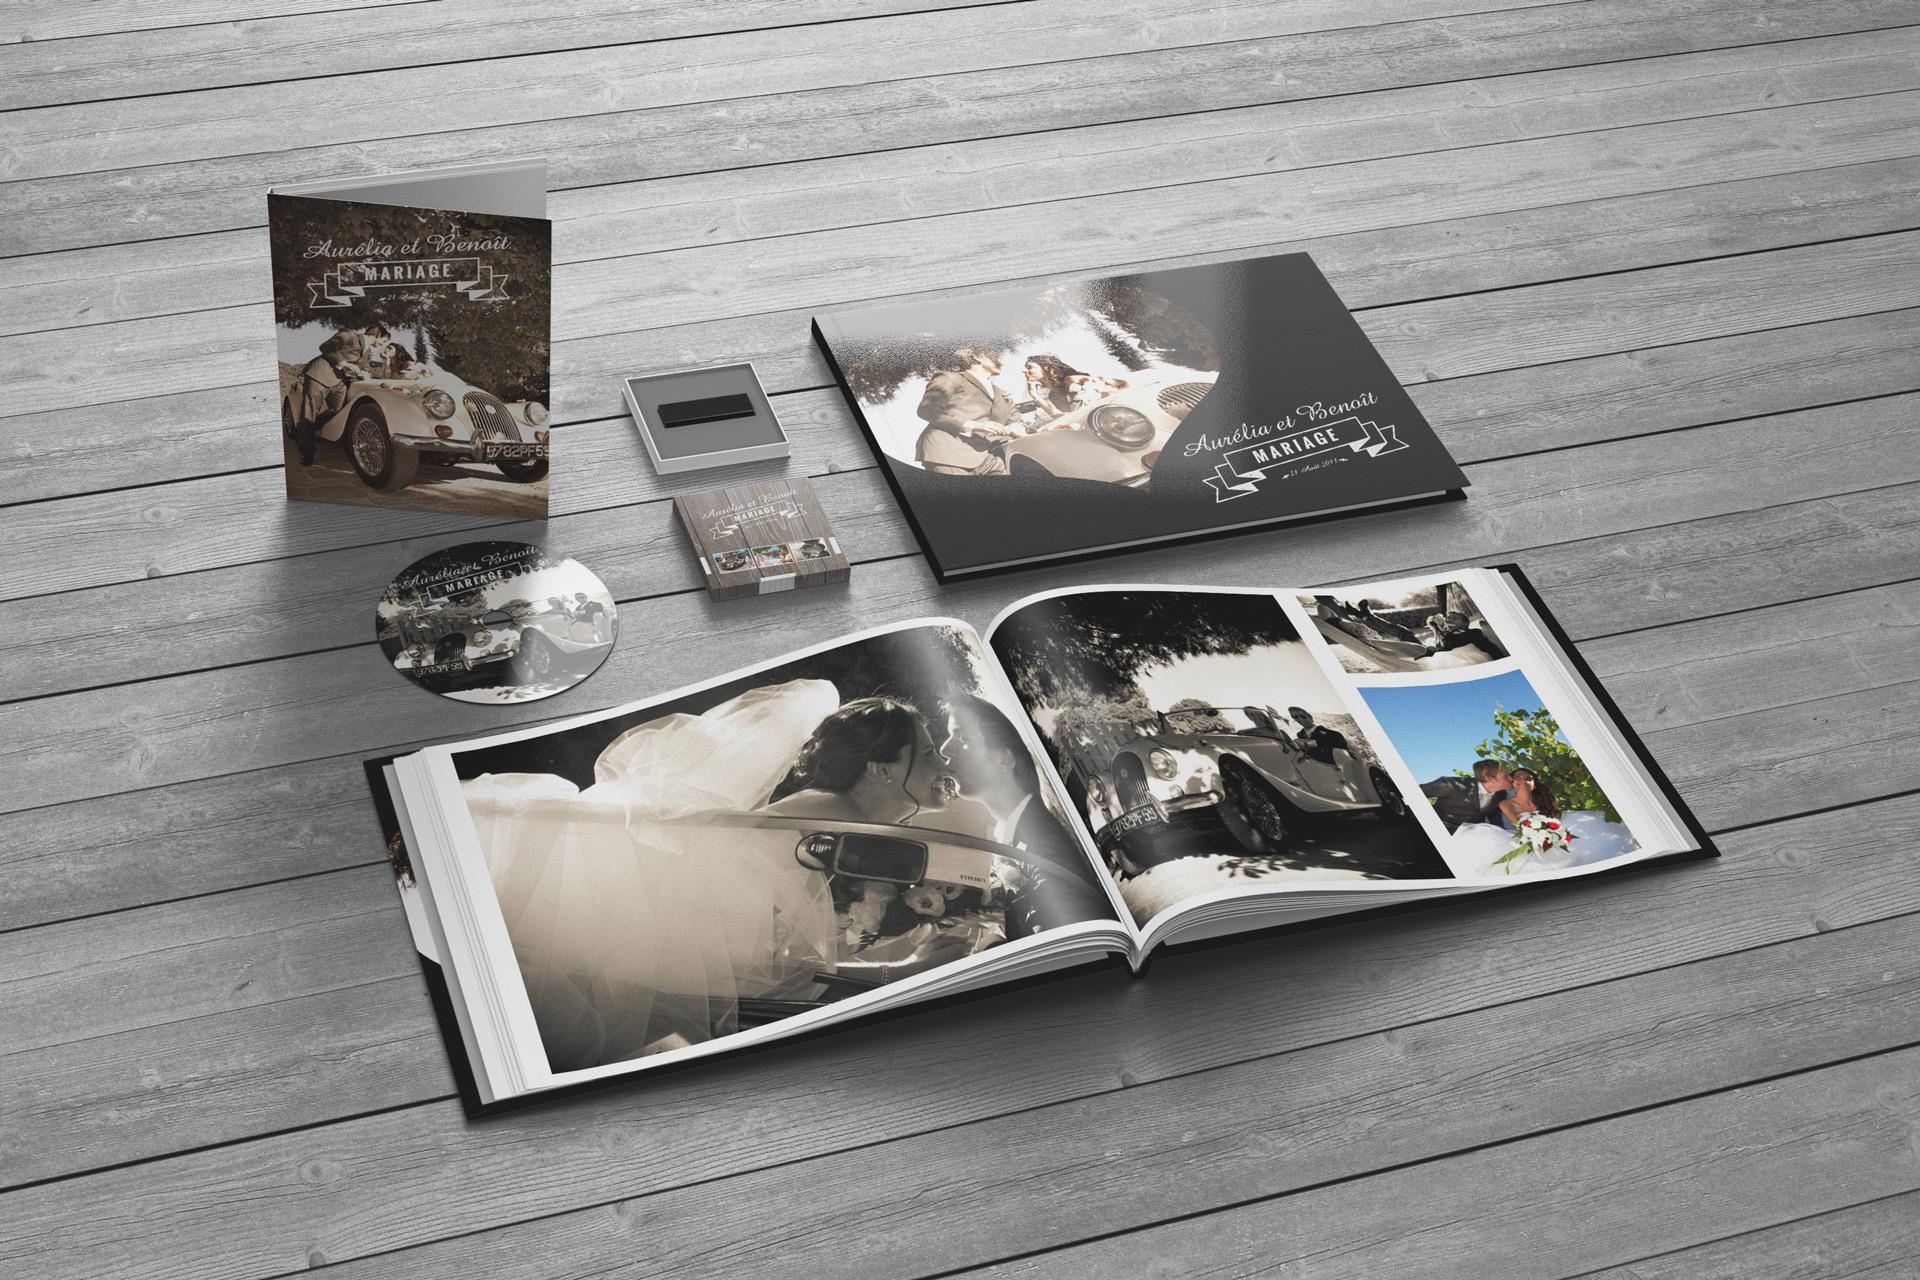 jaquette dvd livre et clef usb photos et - Cl Usb Personnalise Mariage